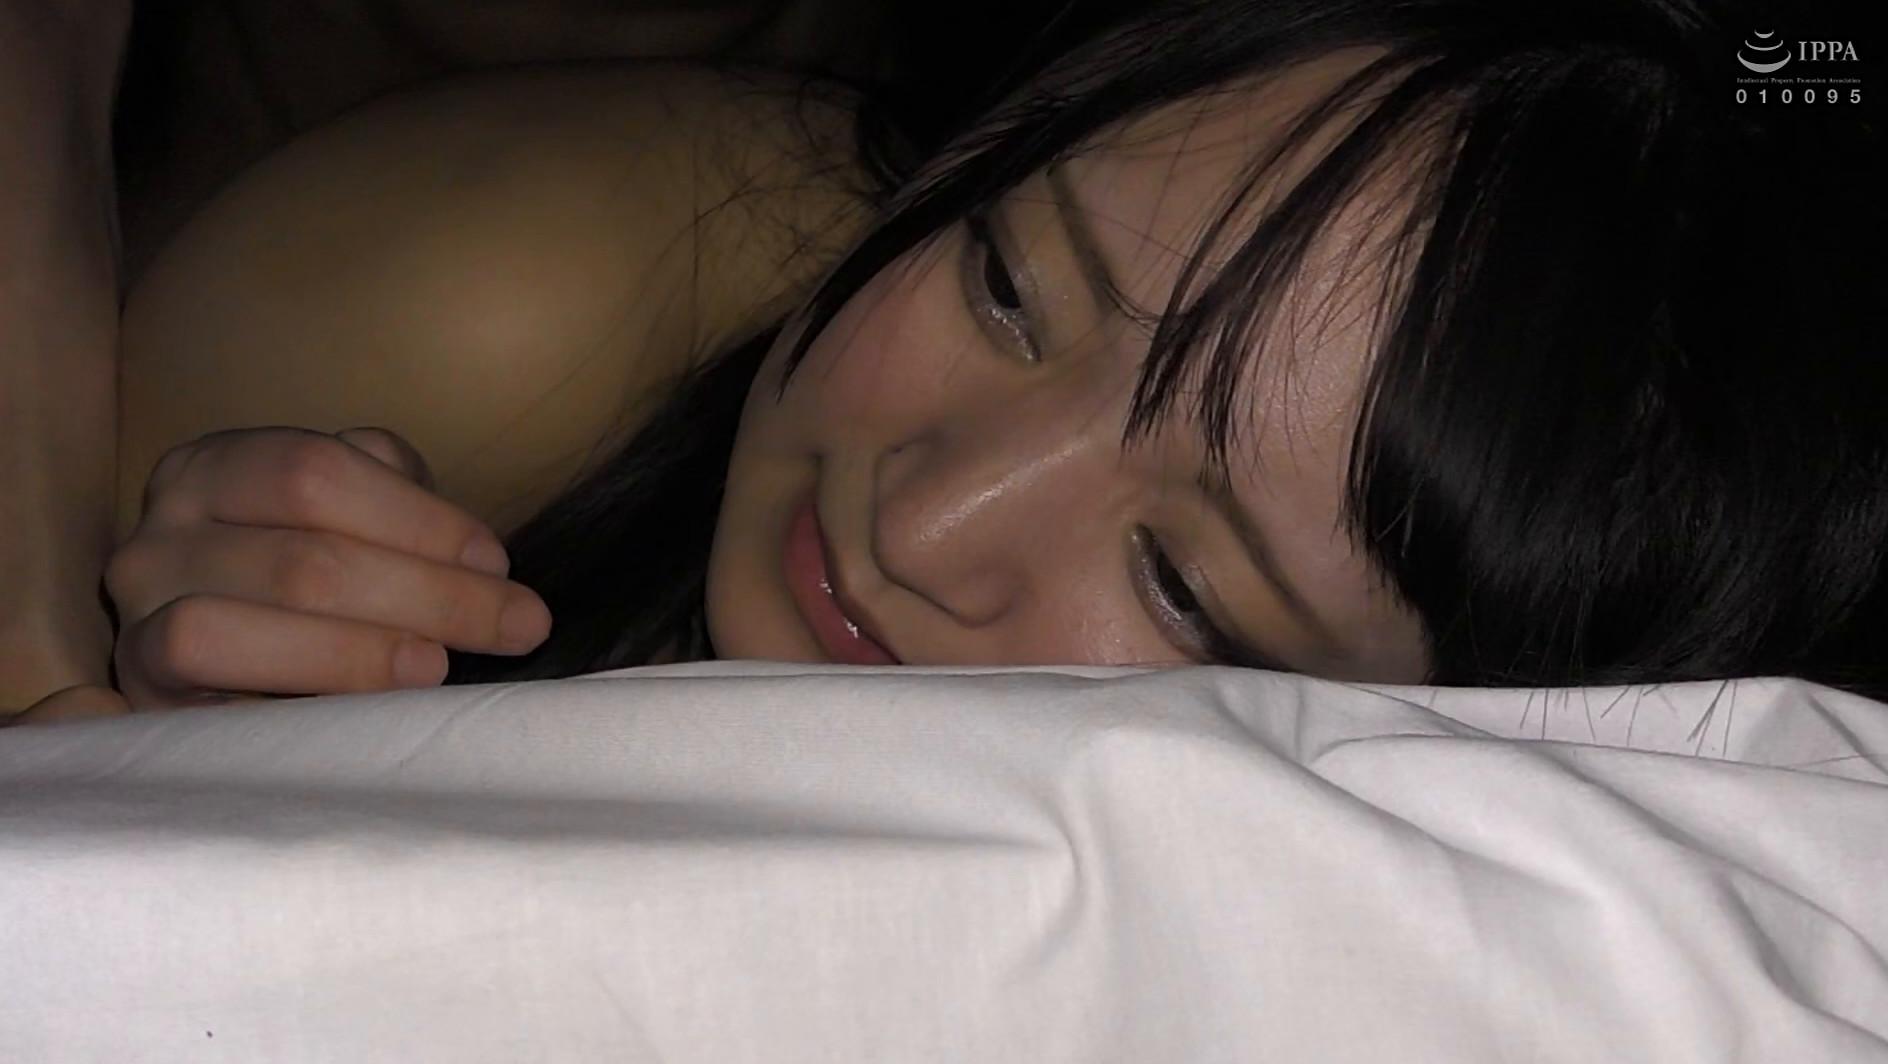 【衝撃リア凸・巨乳J○】合宿中の女子部屋 忍び込んでみたwwwついでにチ●コも凸してみた。【美巨乳少女と声我慢SEX】 画像18